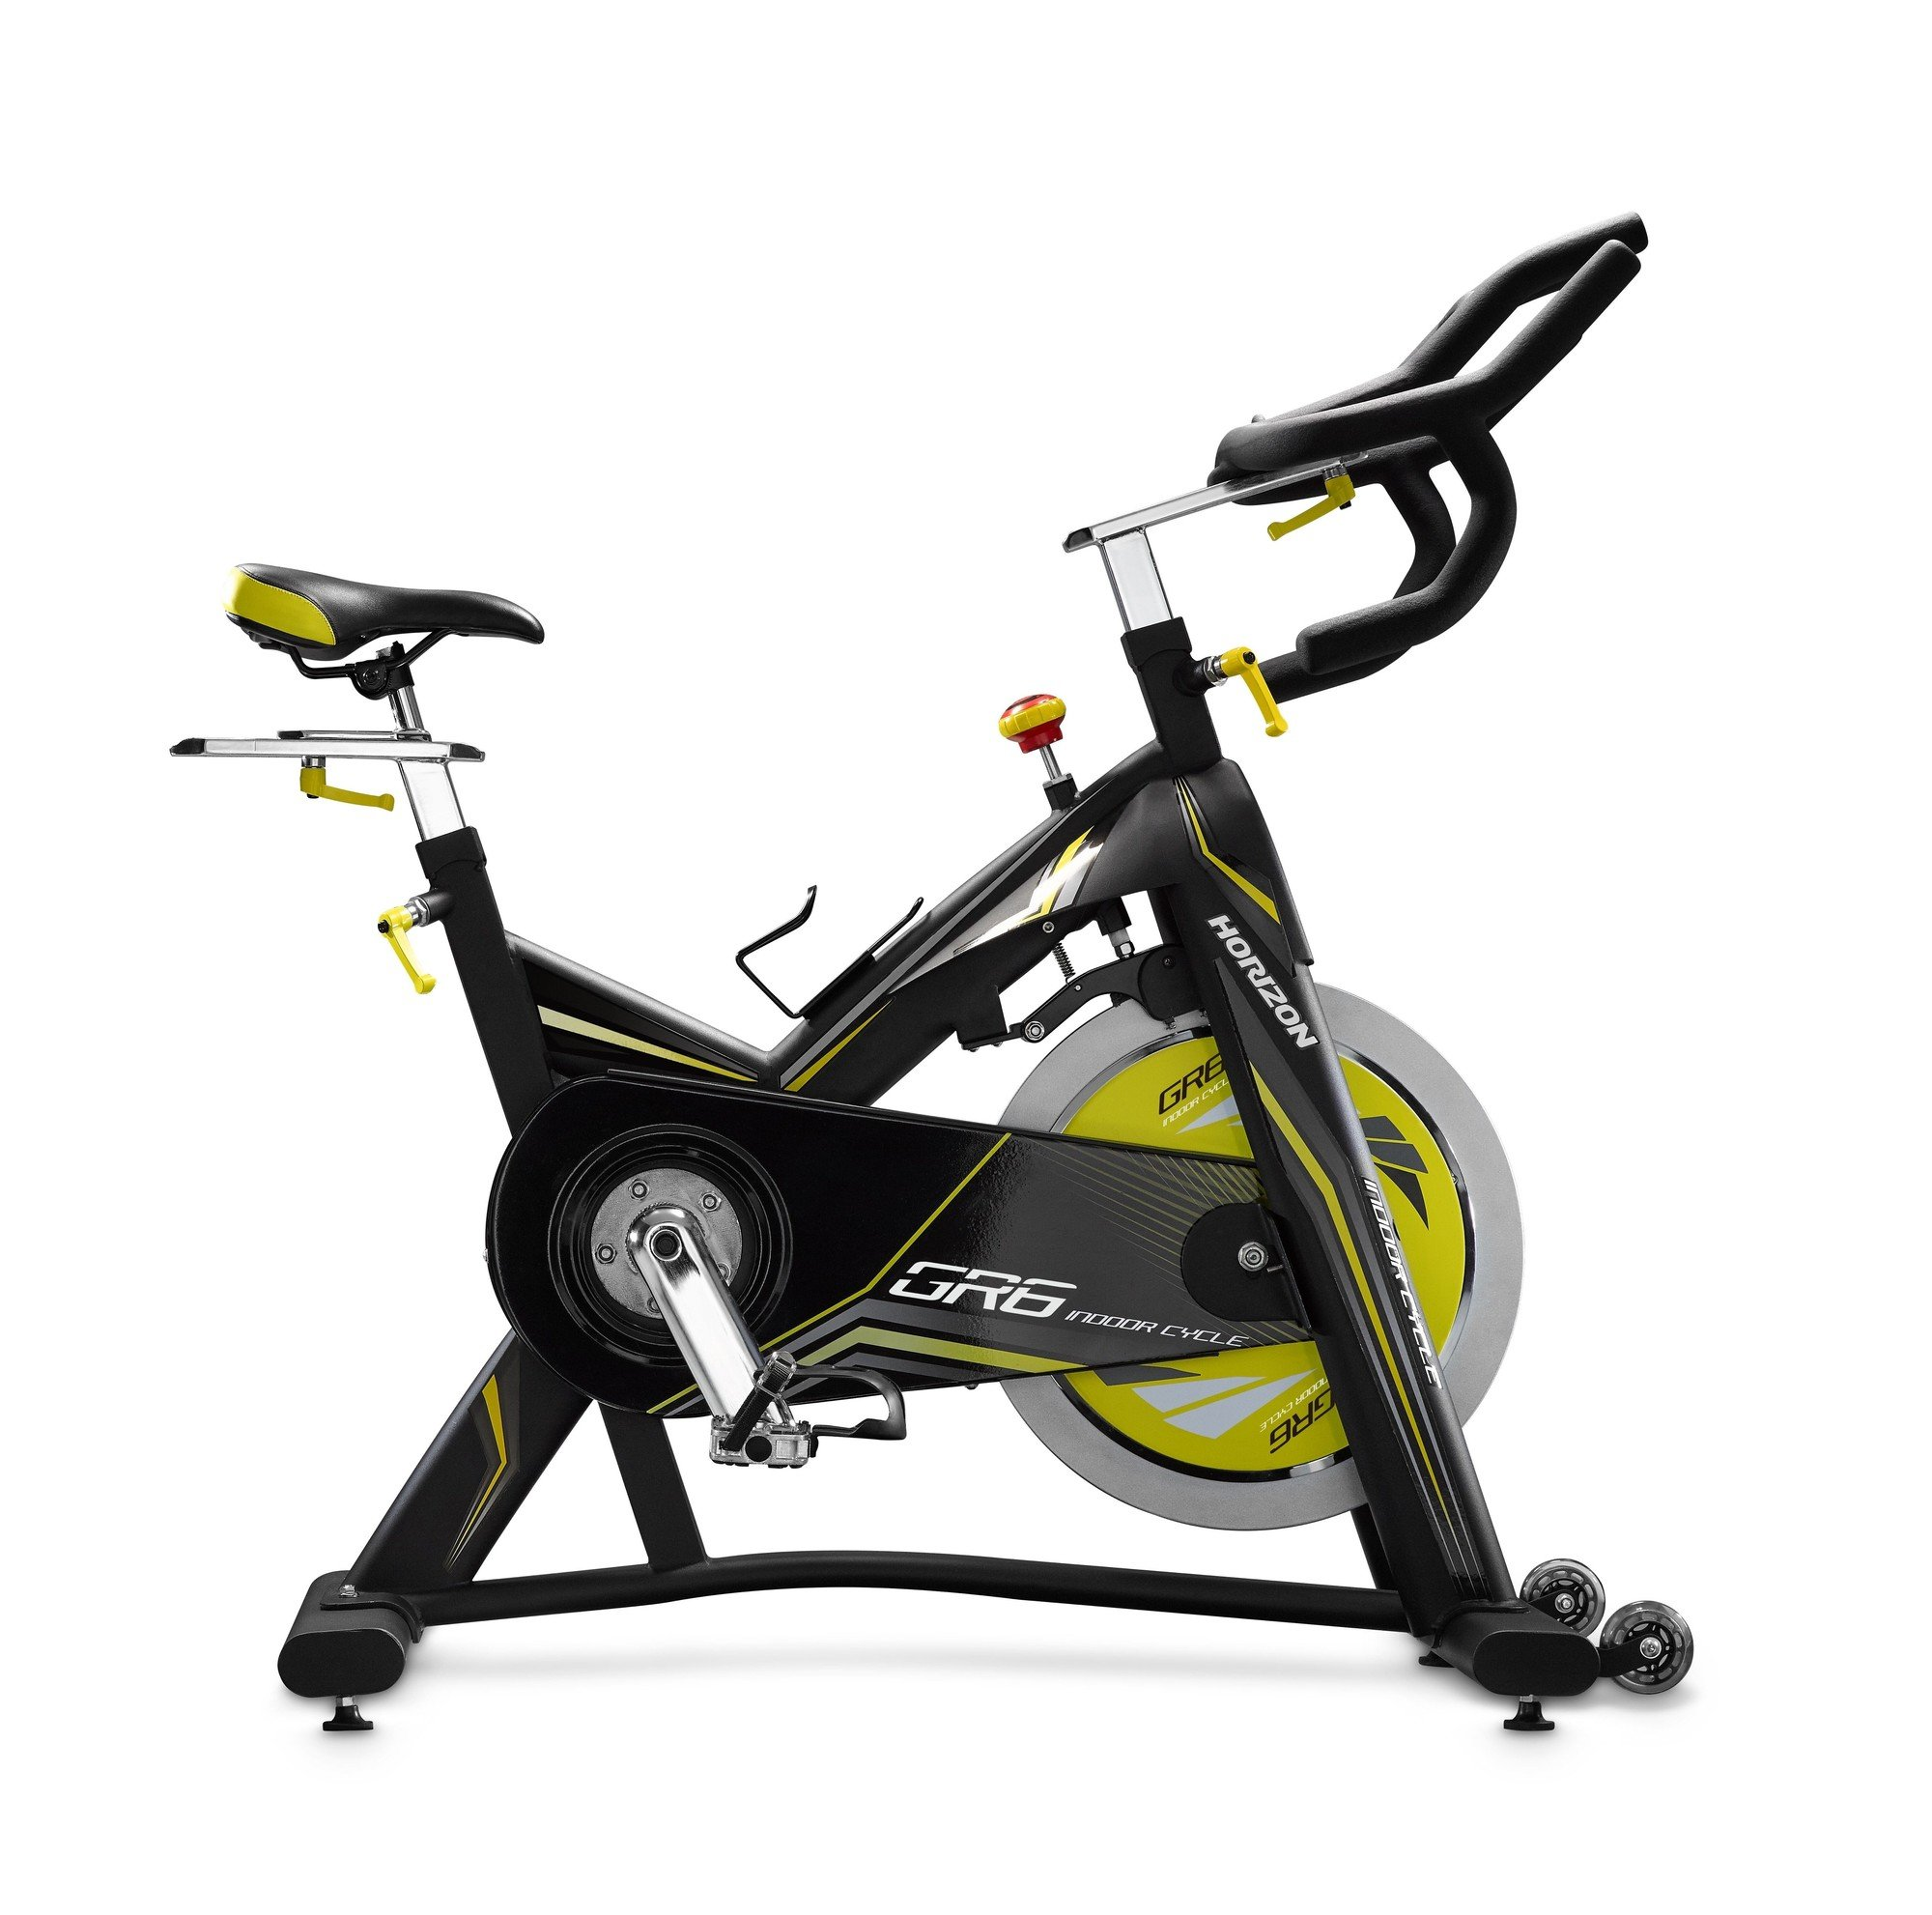 Afbeelding van Horizon GR6 Indoor Cycle